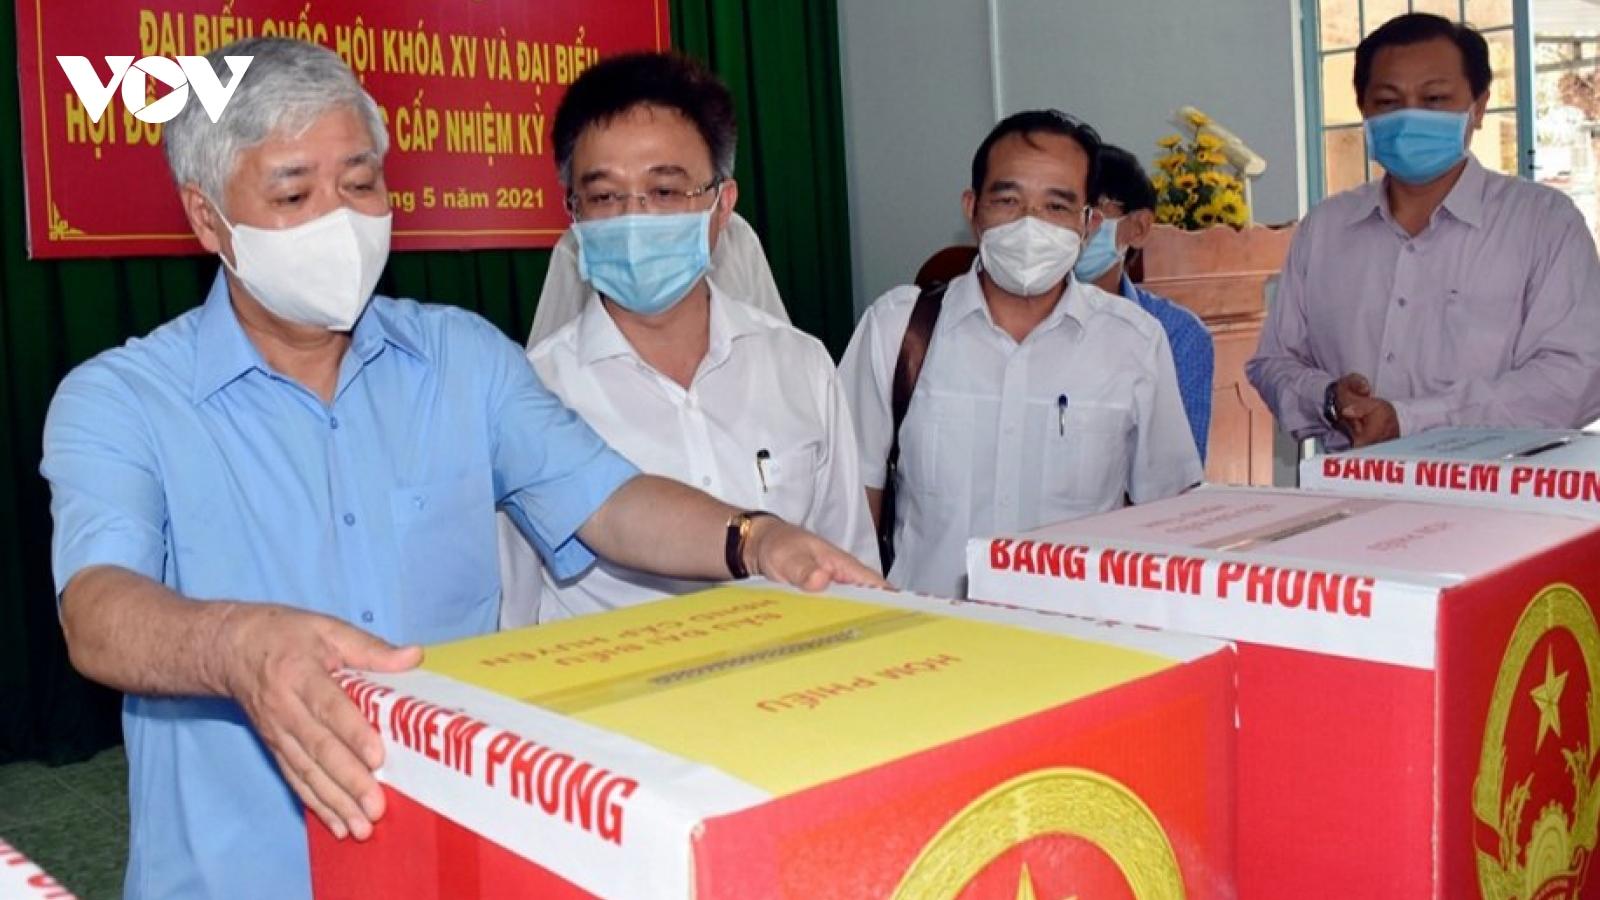 Phó Chủ tịch Hội đồng Bầu cử Quốc gia kiểm tra công tác chuẩn bị bầu cử ở Bà Rịa-Vũng Tàu